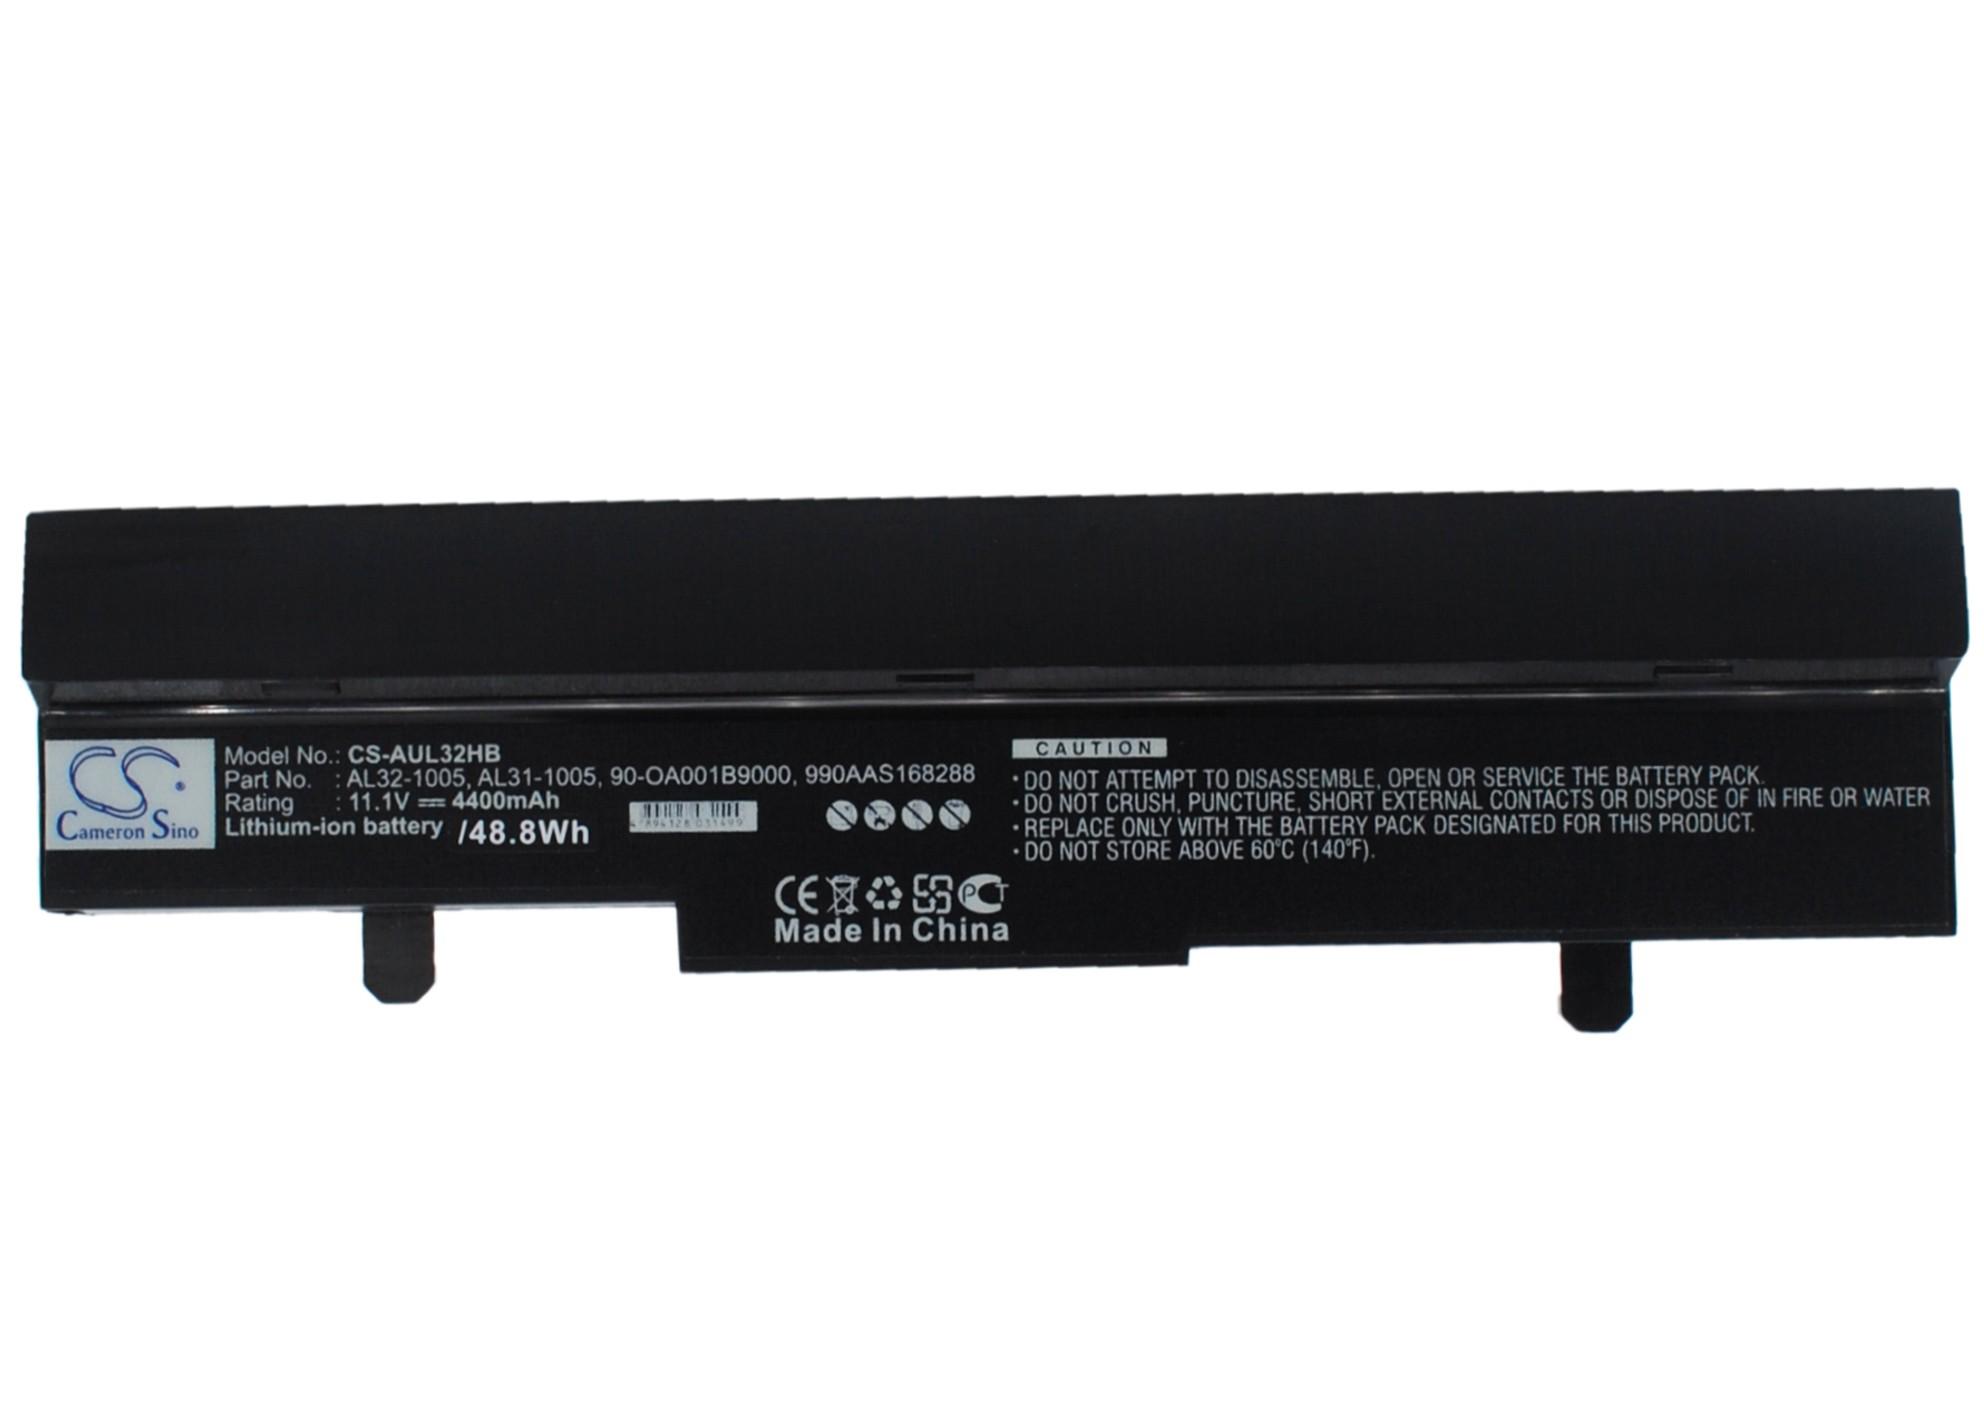 Cameron Sino baterie do netbooků pro ASUS Eee PC 1005PE-P 10.8V Li-ion 4400mAh černá - neoriginální